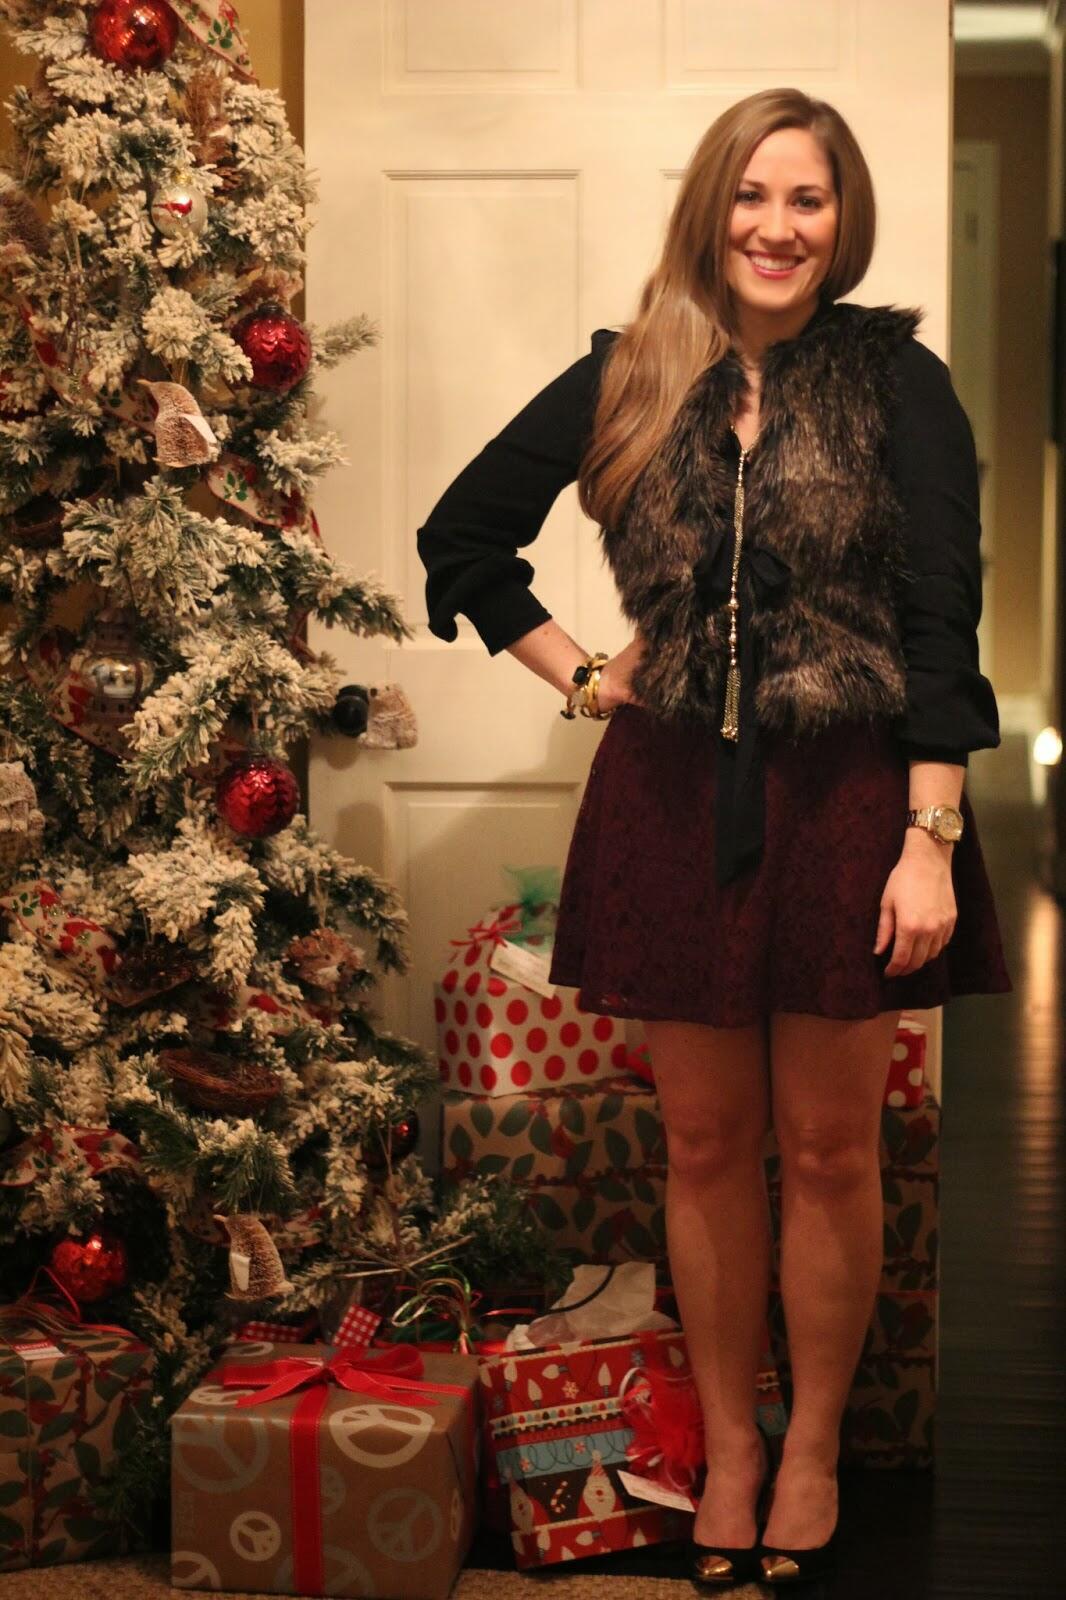 Merry Christmas! | Walking in Memphis in High Heels